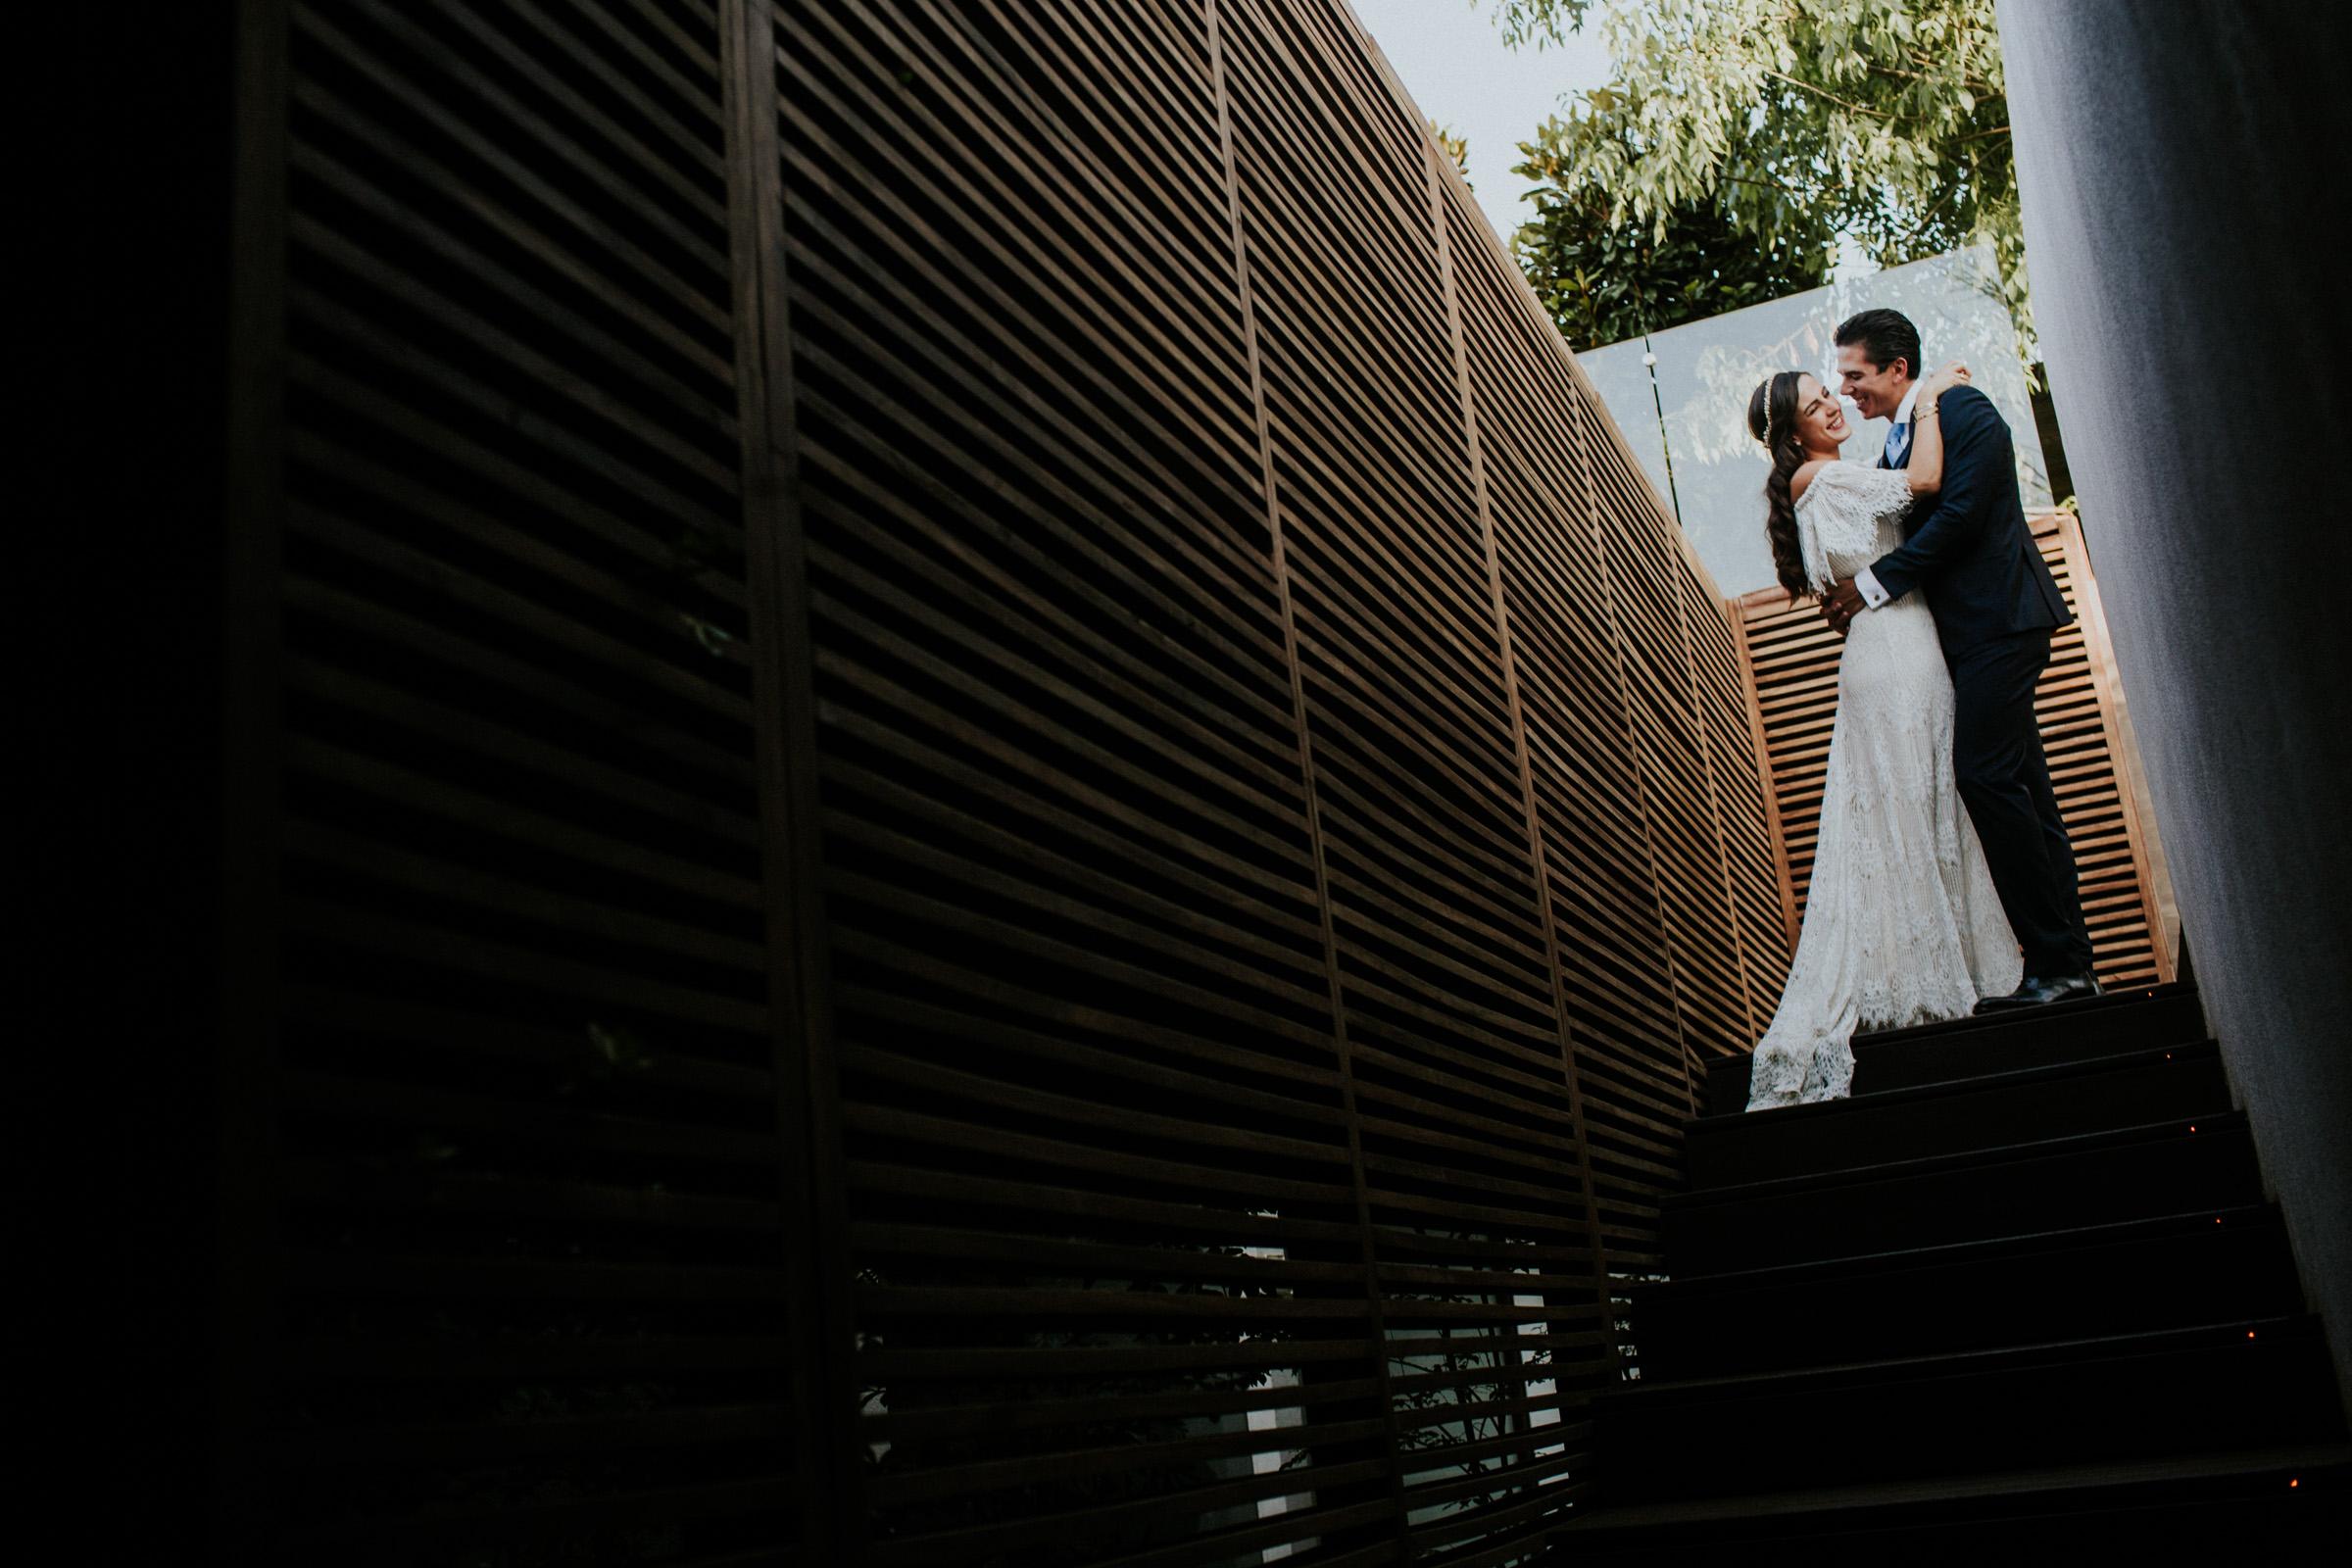 boda-mexico-fotografia-leon-guanajuato-san-miguel-de-allende-lucia-lorenzo-pierce-170.jpg